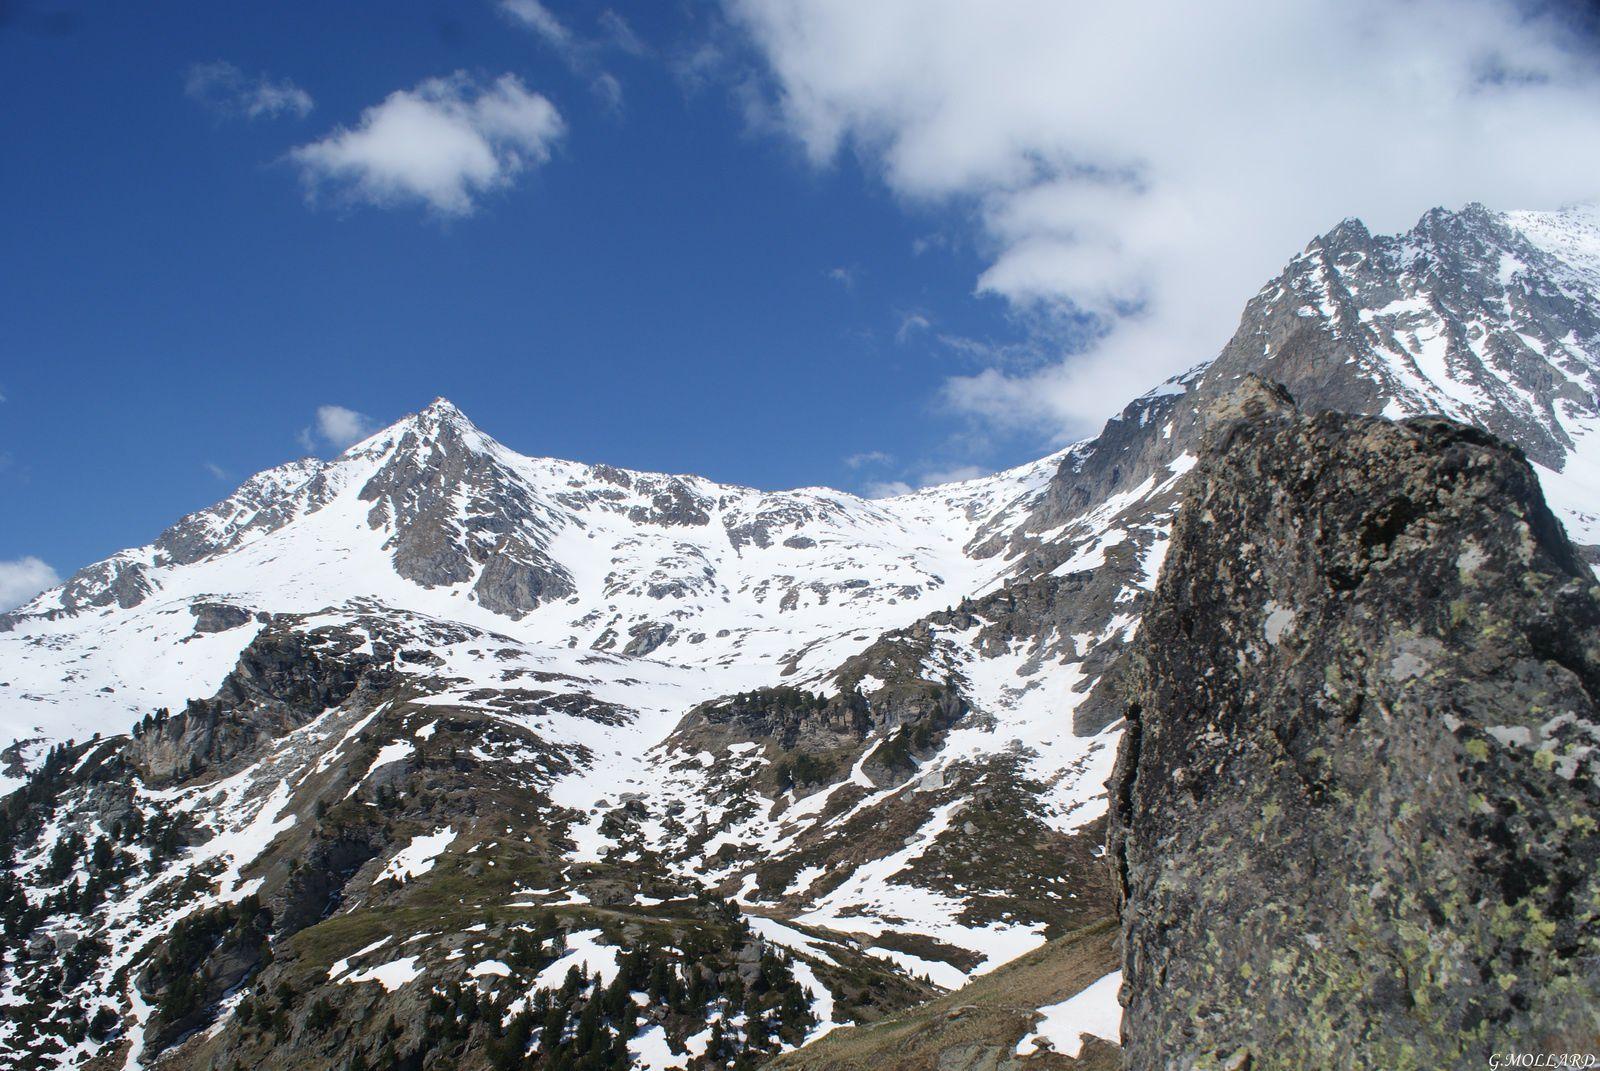 le rateau d'Aussois à gauche, le col de la masse au centre 2923 m, passage pour rejoindre l'Orgére.